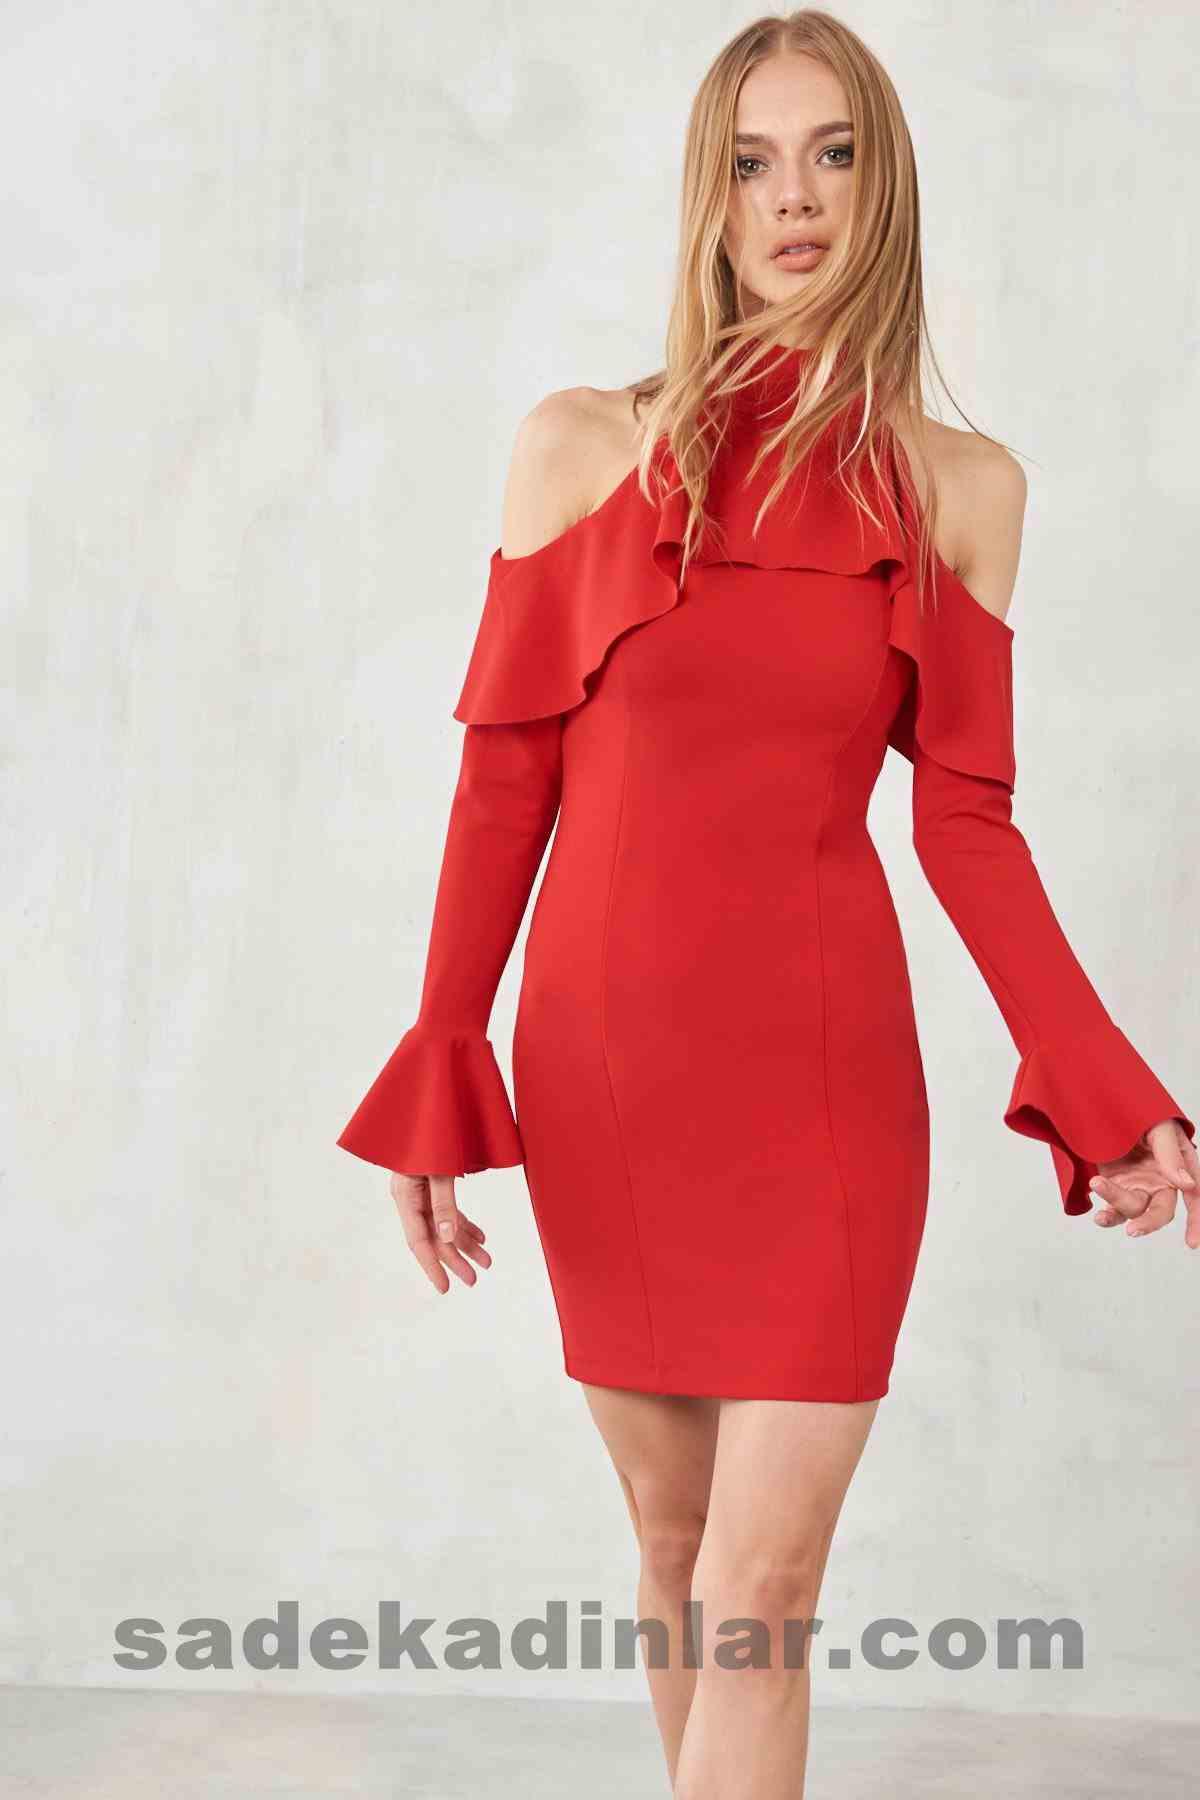 Abiye Elbise Modelleri Şık ve Güzel 2019 Gece Elbiseleri Kırmızı Omuz Dekolteli Kısa